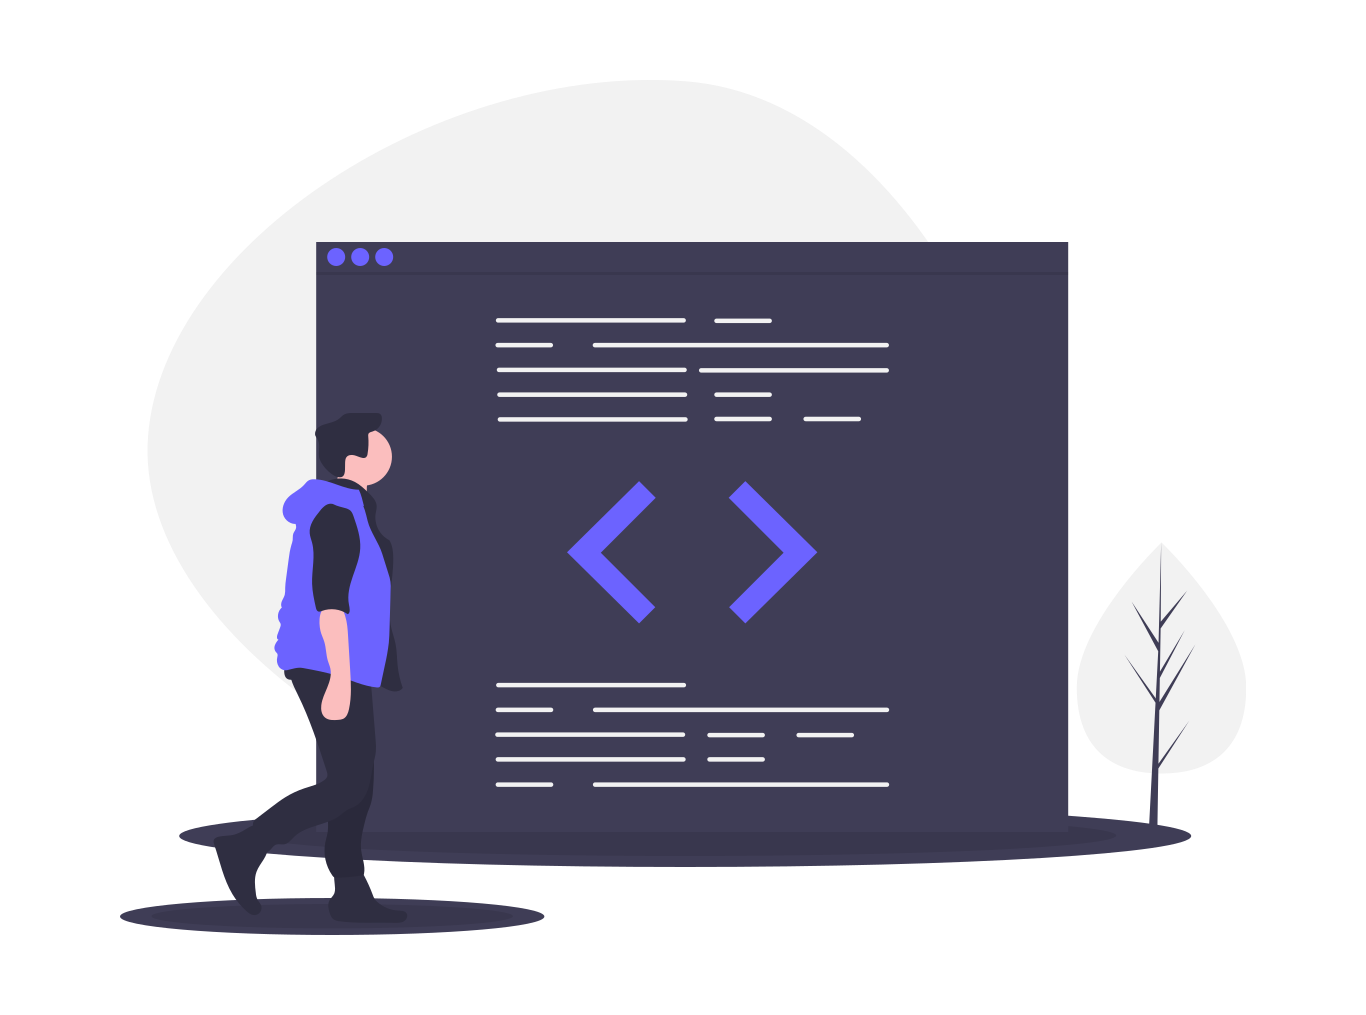 【プログラミング初心者向け】採用動画をAPIで取得して、表示して、レイアウトを整える【HTML+CSS+jQuery講座】